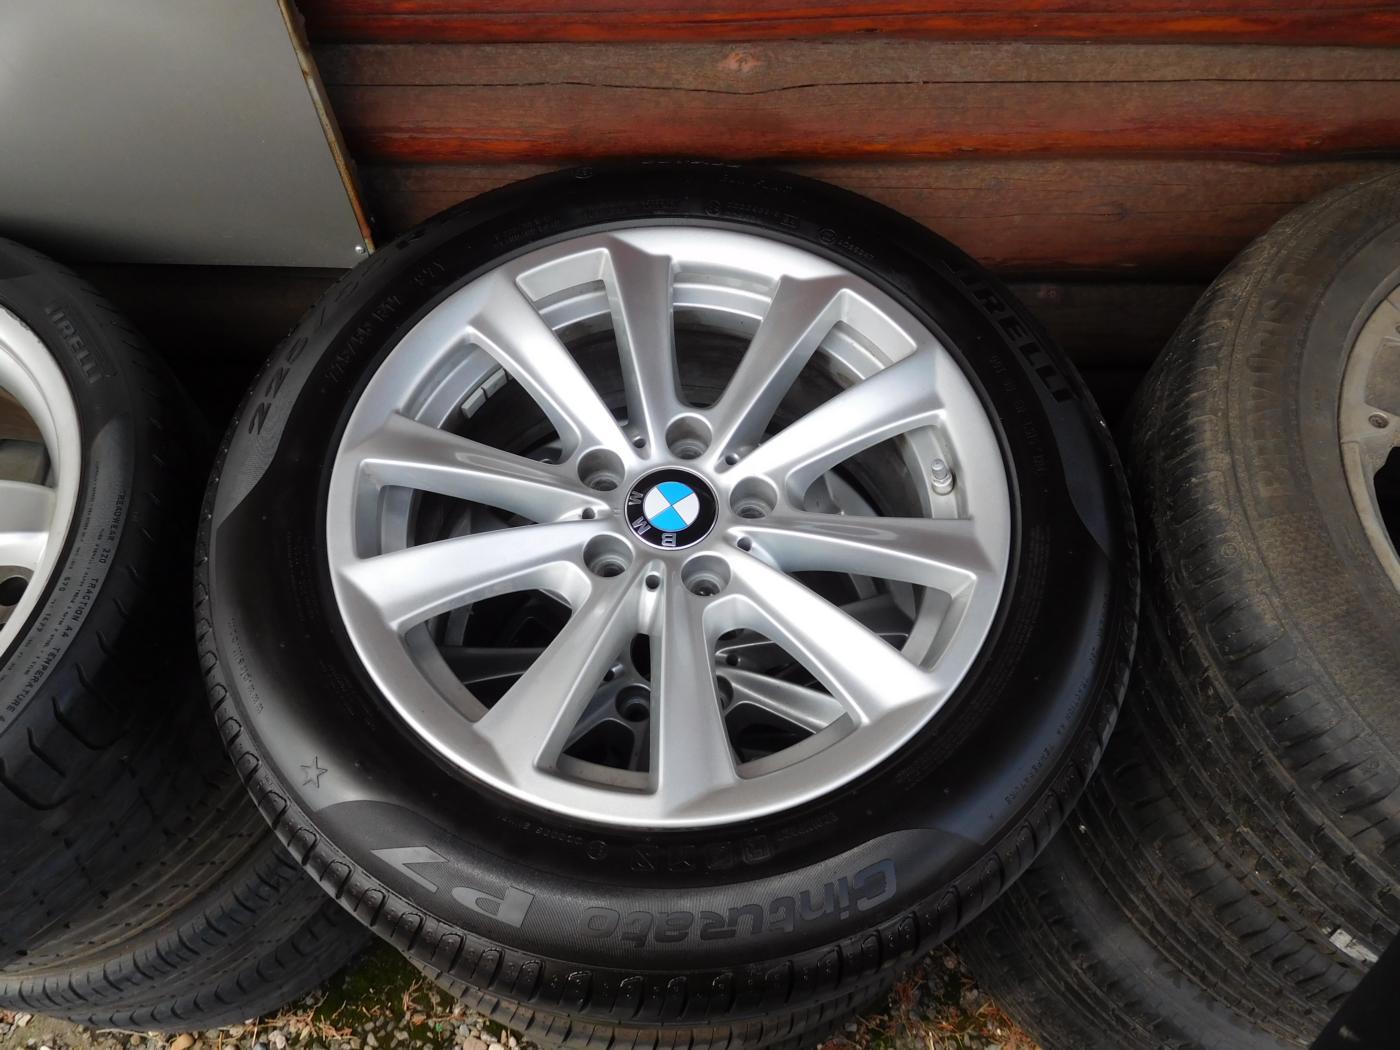 BMW  5x120,225/55/17, 8 x17,